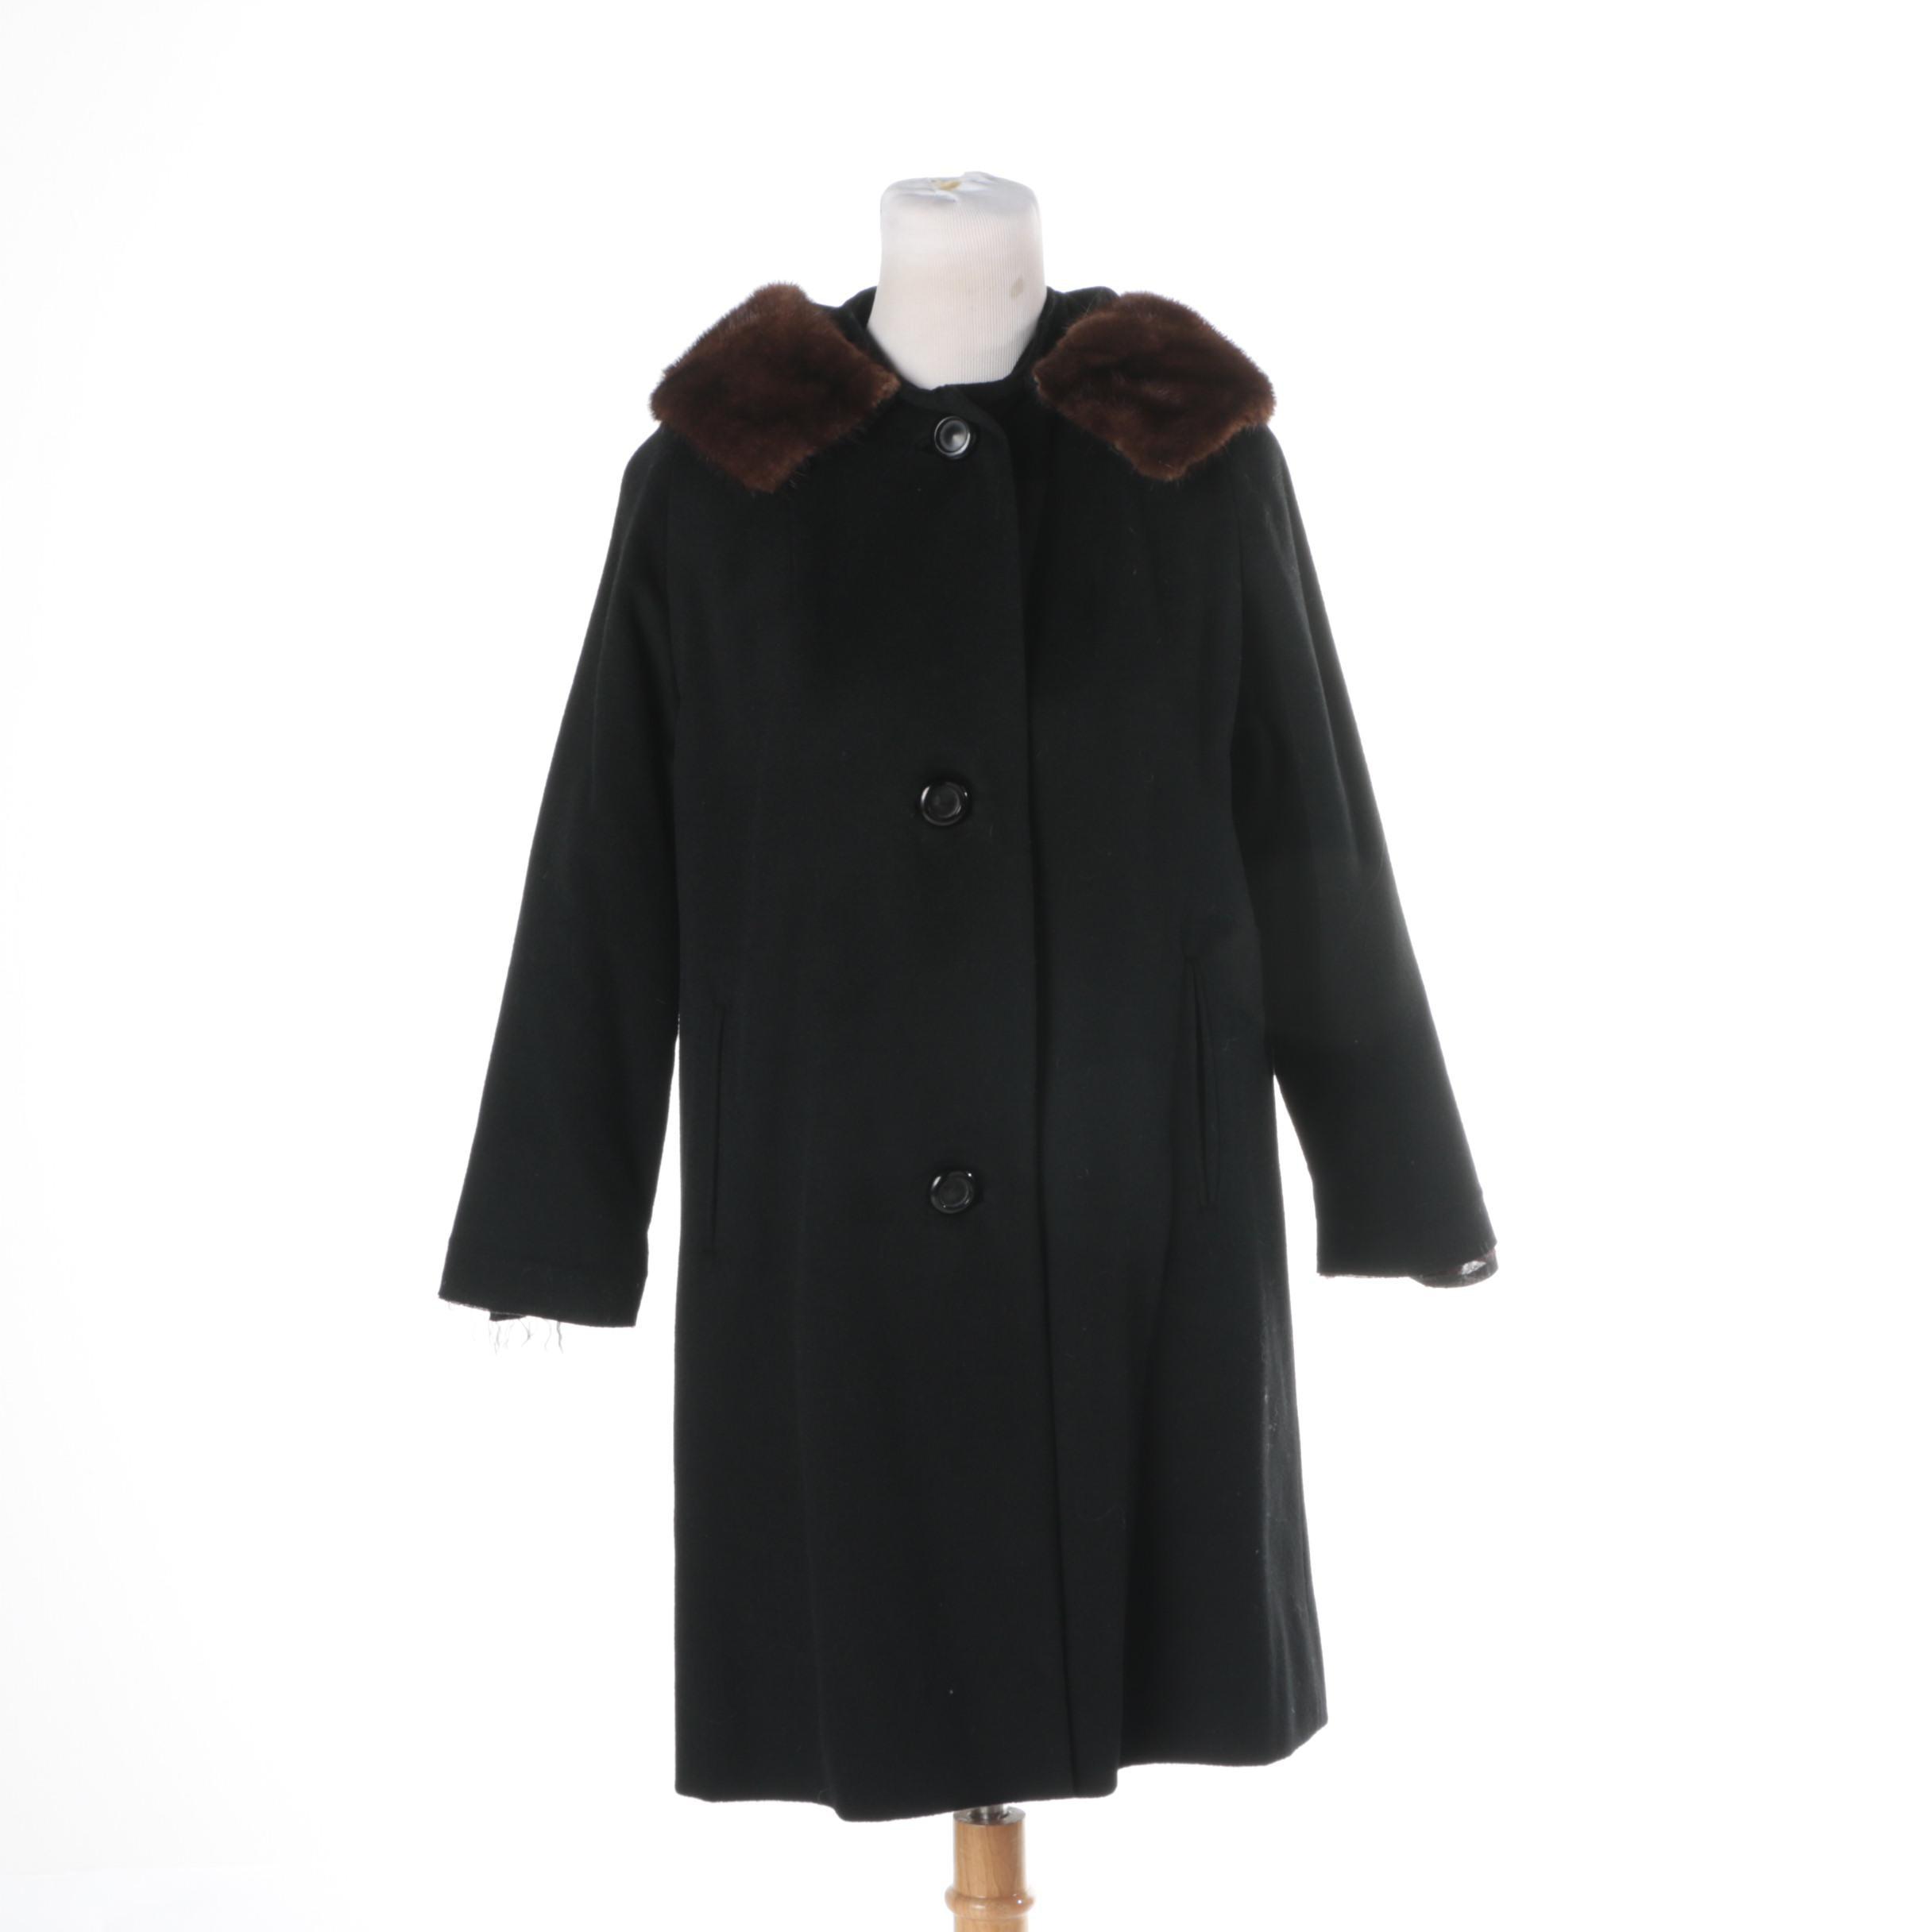 Women's Vintage Cosmopolitan Black Wool Coat with Mink Collar